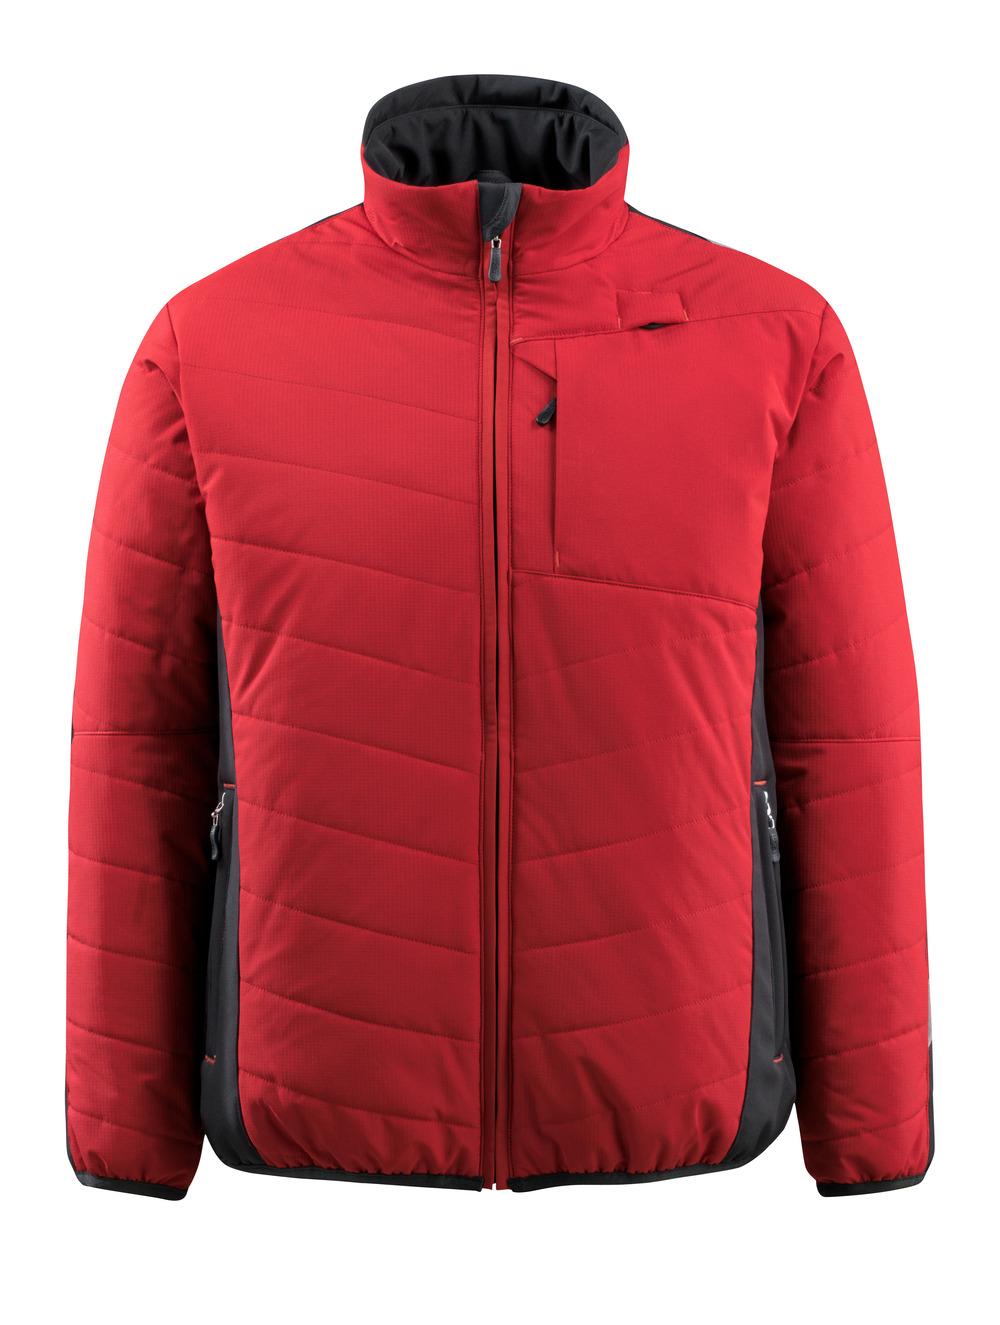 15615-249-0209 Giacca Termica - rosso/nero